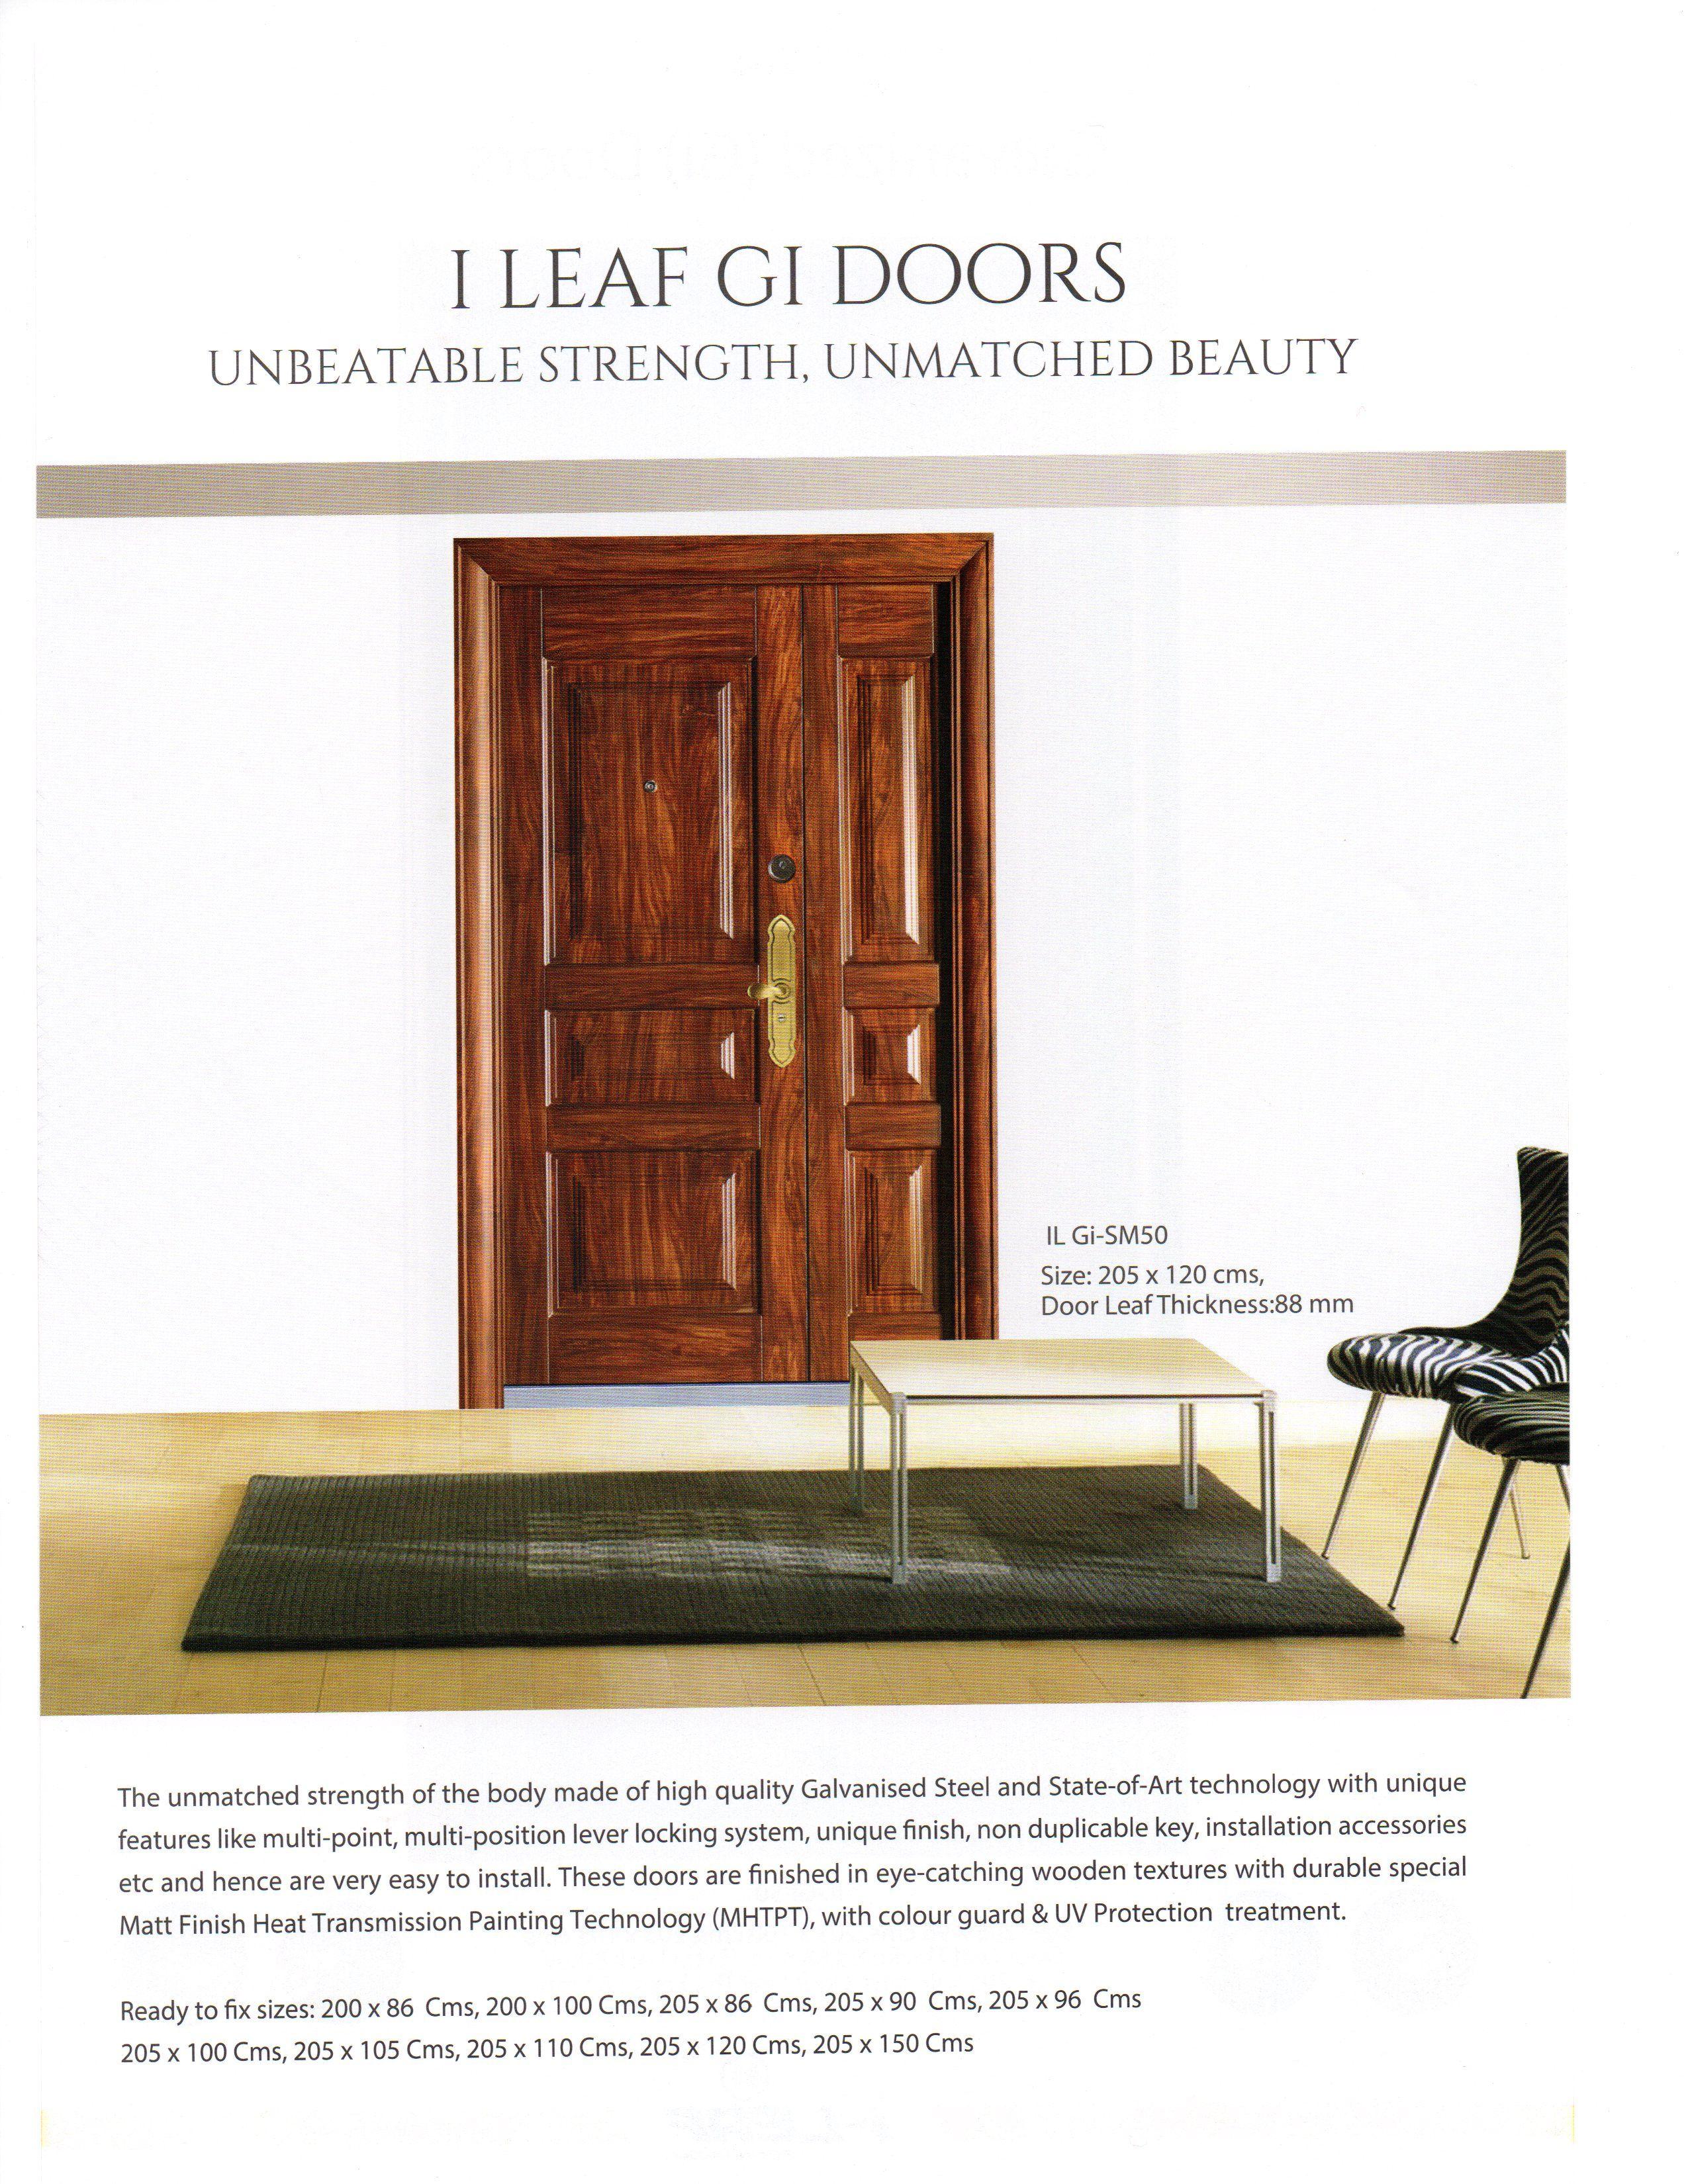 Pin By Ileaf Vizag On Doors Safe Room Doors Steel Doors Doors